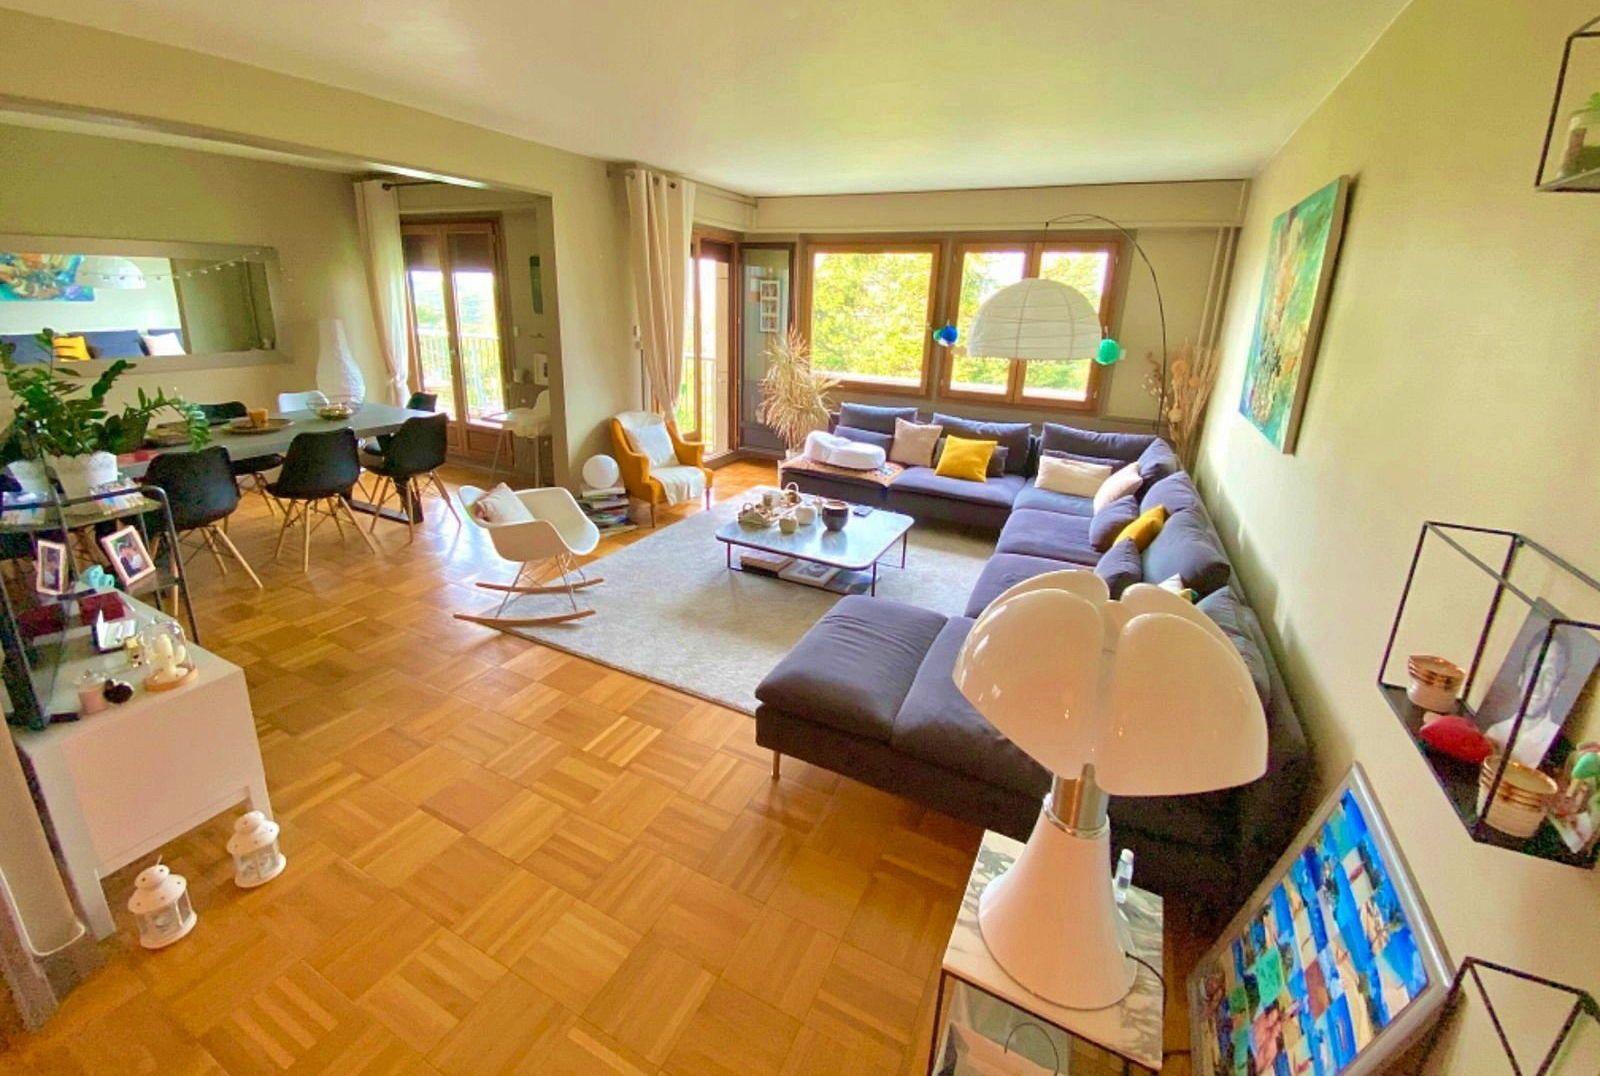 Vends appartement avec vue Magnifique - 122m² 3ch, Ecully (69)